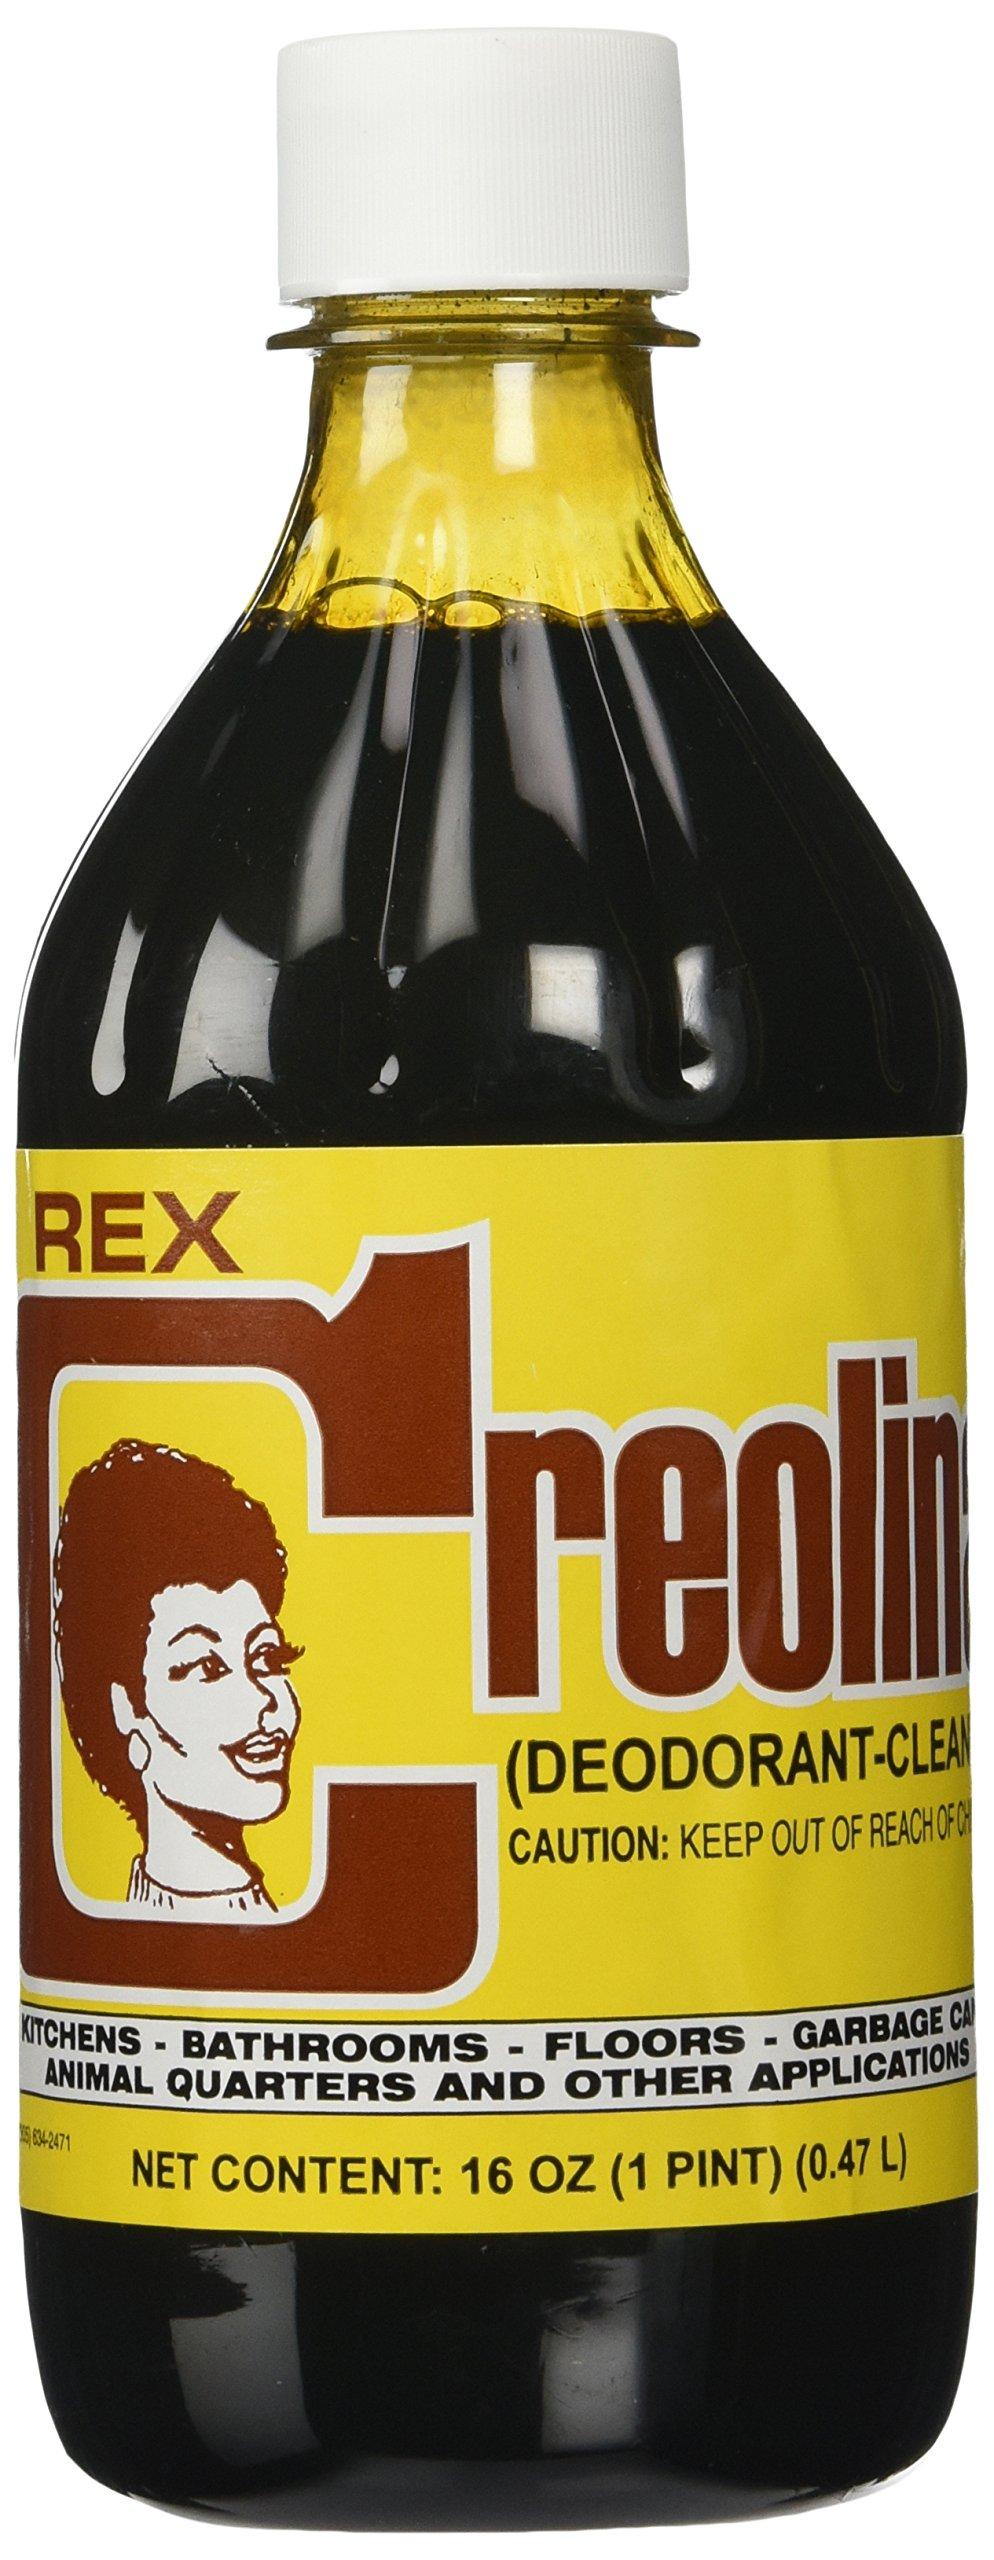 Creolina Rex